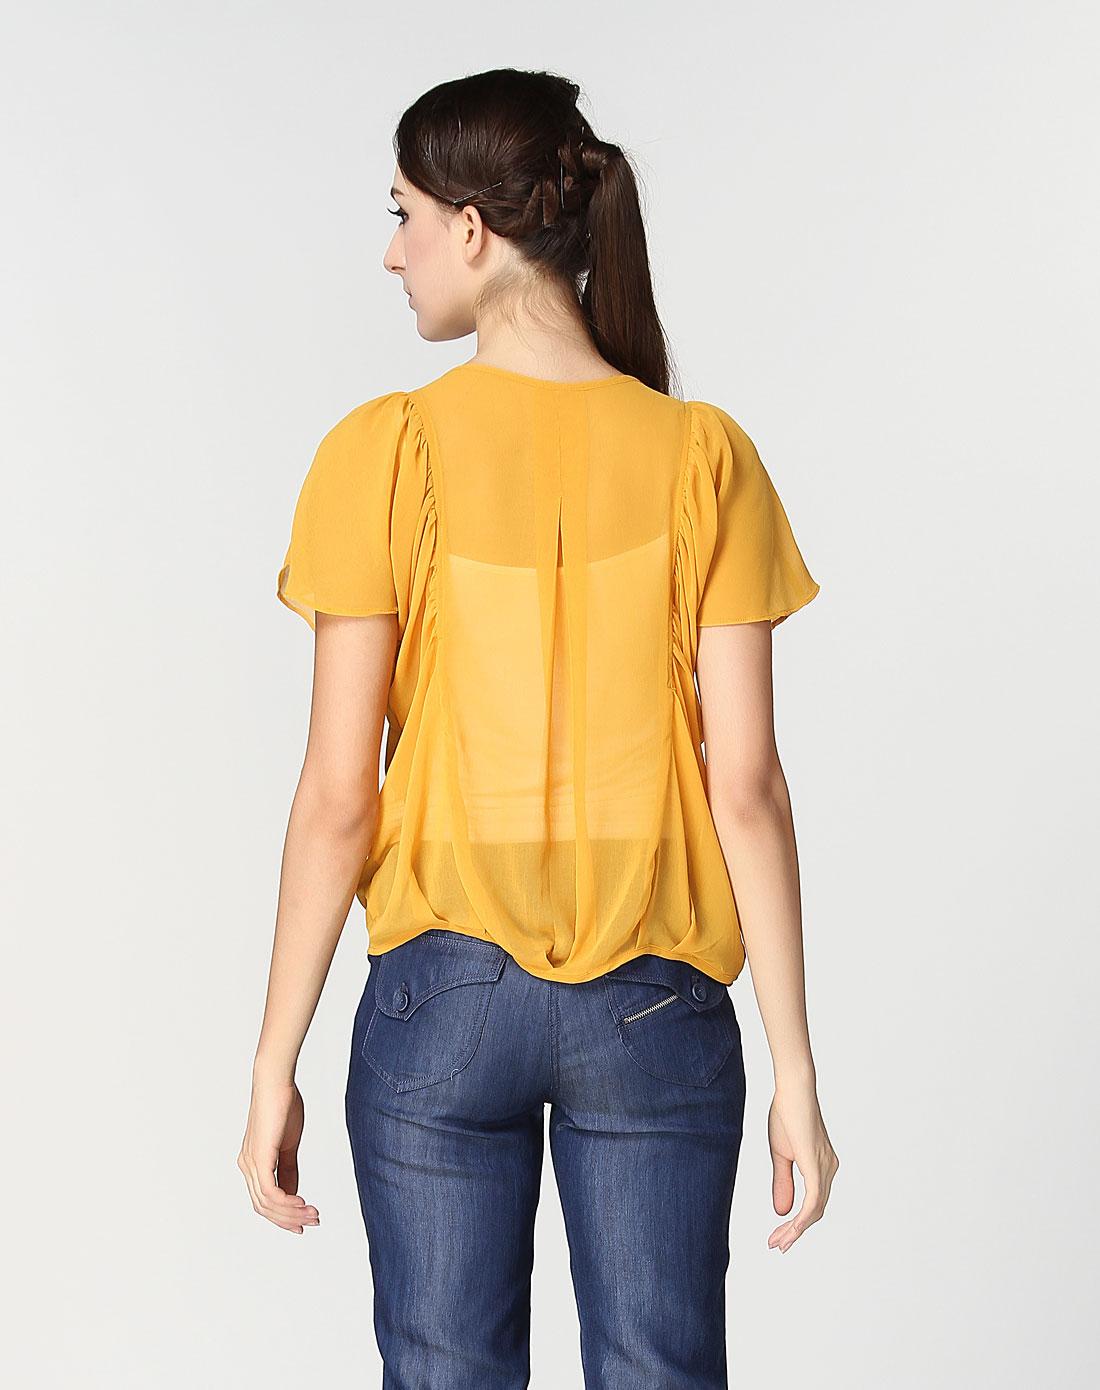 典雅性感半透明皱褶黄色短袖上衣